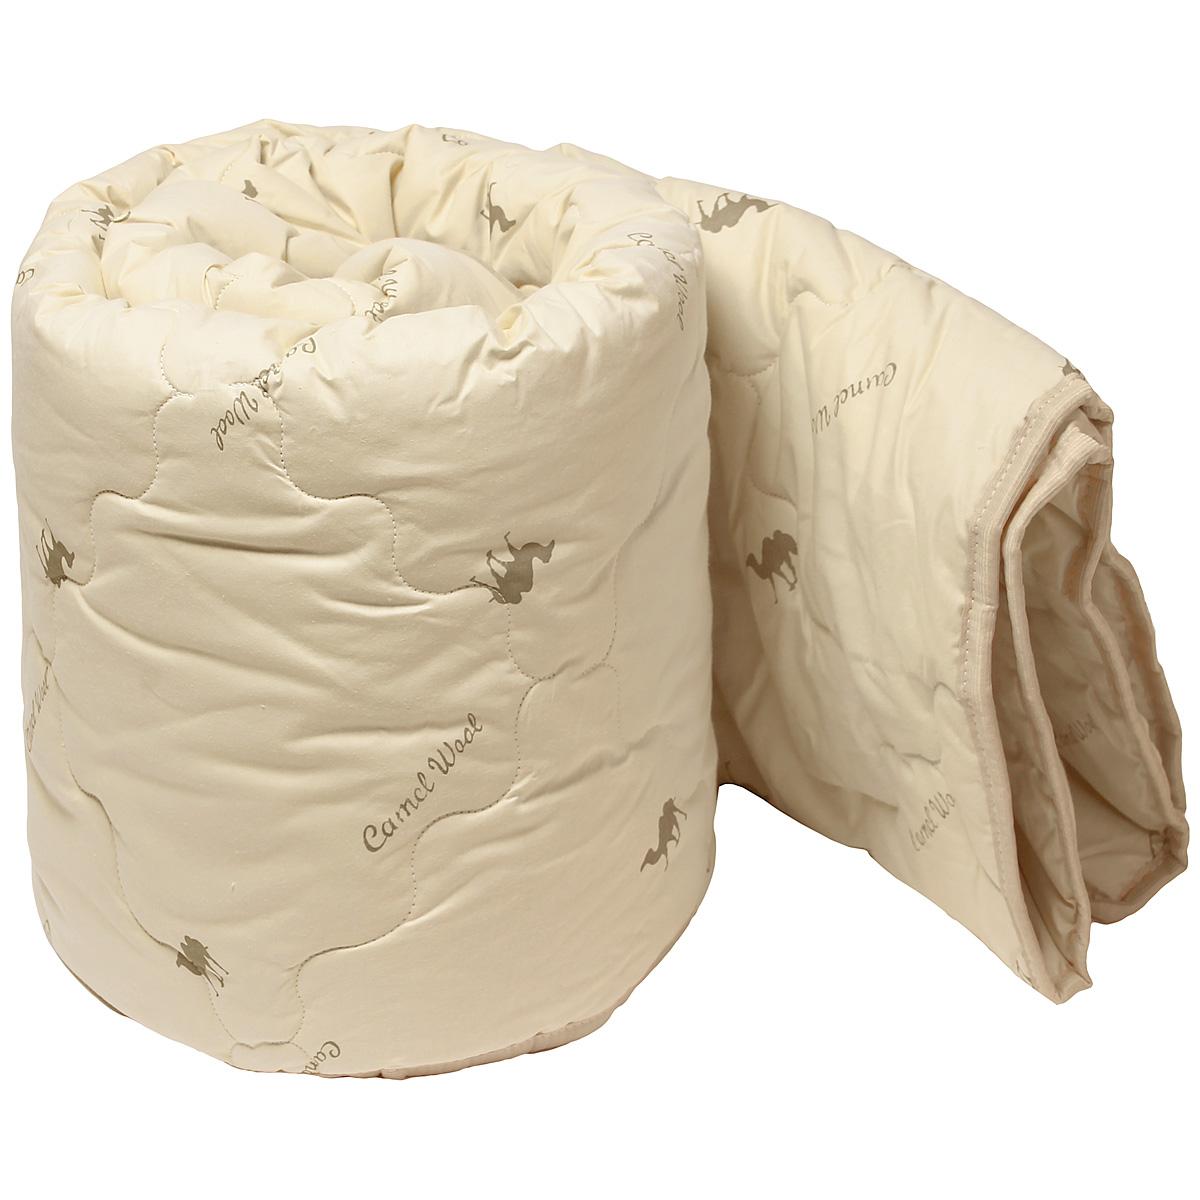 Одеяло Верблюжка, наполнитель: верблюжья шерсть, цвет: светло-бежевый, 172 см х 205 см3903-172-07-3Комфортное стеганое одеяло Верблюжка выполнено из хлопка с наполнителем из мягкой, нежной и теплой верблюжьей шерсти. Благодаря специальной технологии изготовления изделие можно стирать. Цвет чехла – светло-бежевый с изображением верблюдов. Воздухопроницаемое одеяло прекрасно регулирует влажность и теплообмен, обеспечивая здоровый, восстанавливающий сон. Одеяло является всесезонным. В приятной невесомости, мягкости теплого верблюжьего пуха сомневаться не приходится. Успокаивающее действие верблюжьего пуха - то, что нужно современному человеку, живущему в быстром ритме. Одеяло упаковано в холщово-пластиковую сумку-чехол на молнии с удобной ручкой.